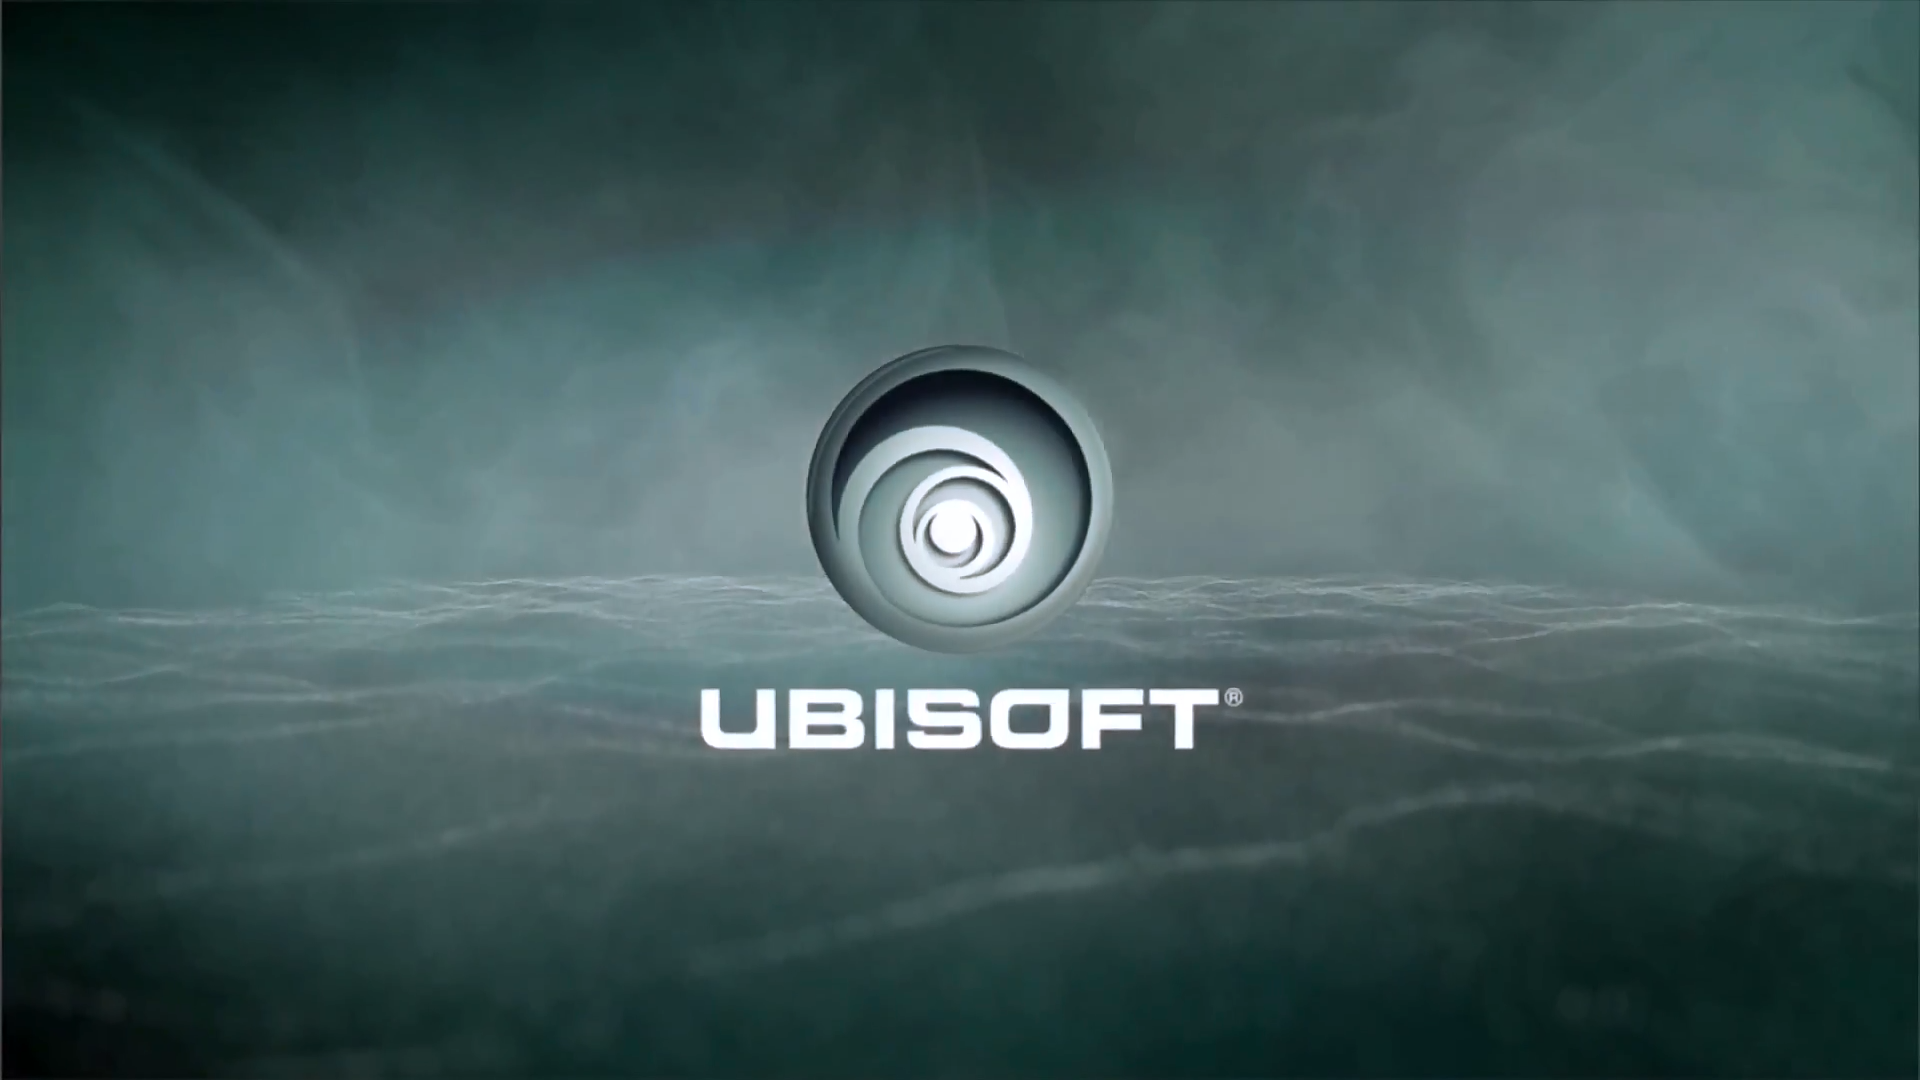 Ubisoft cierra el año con records en ventas digitales 1